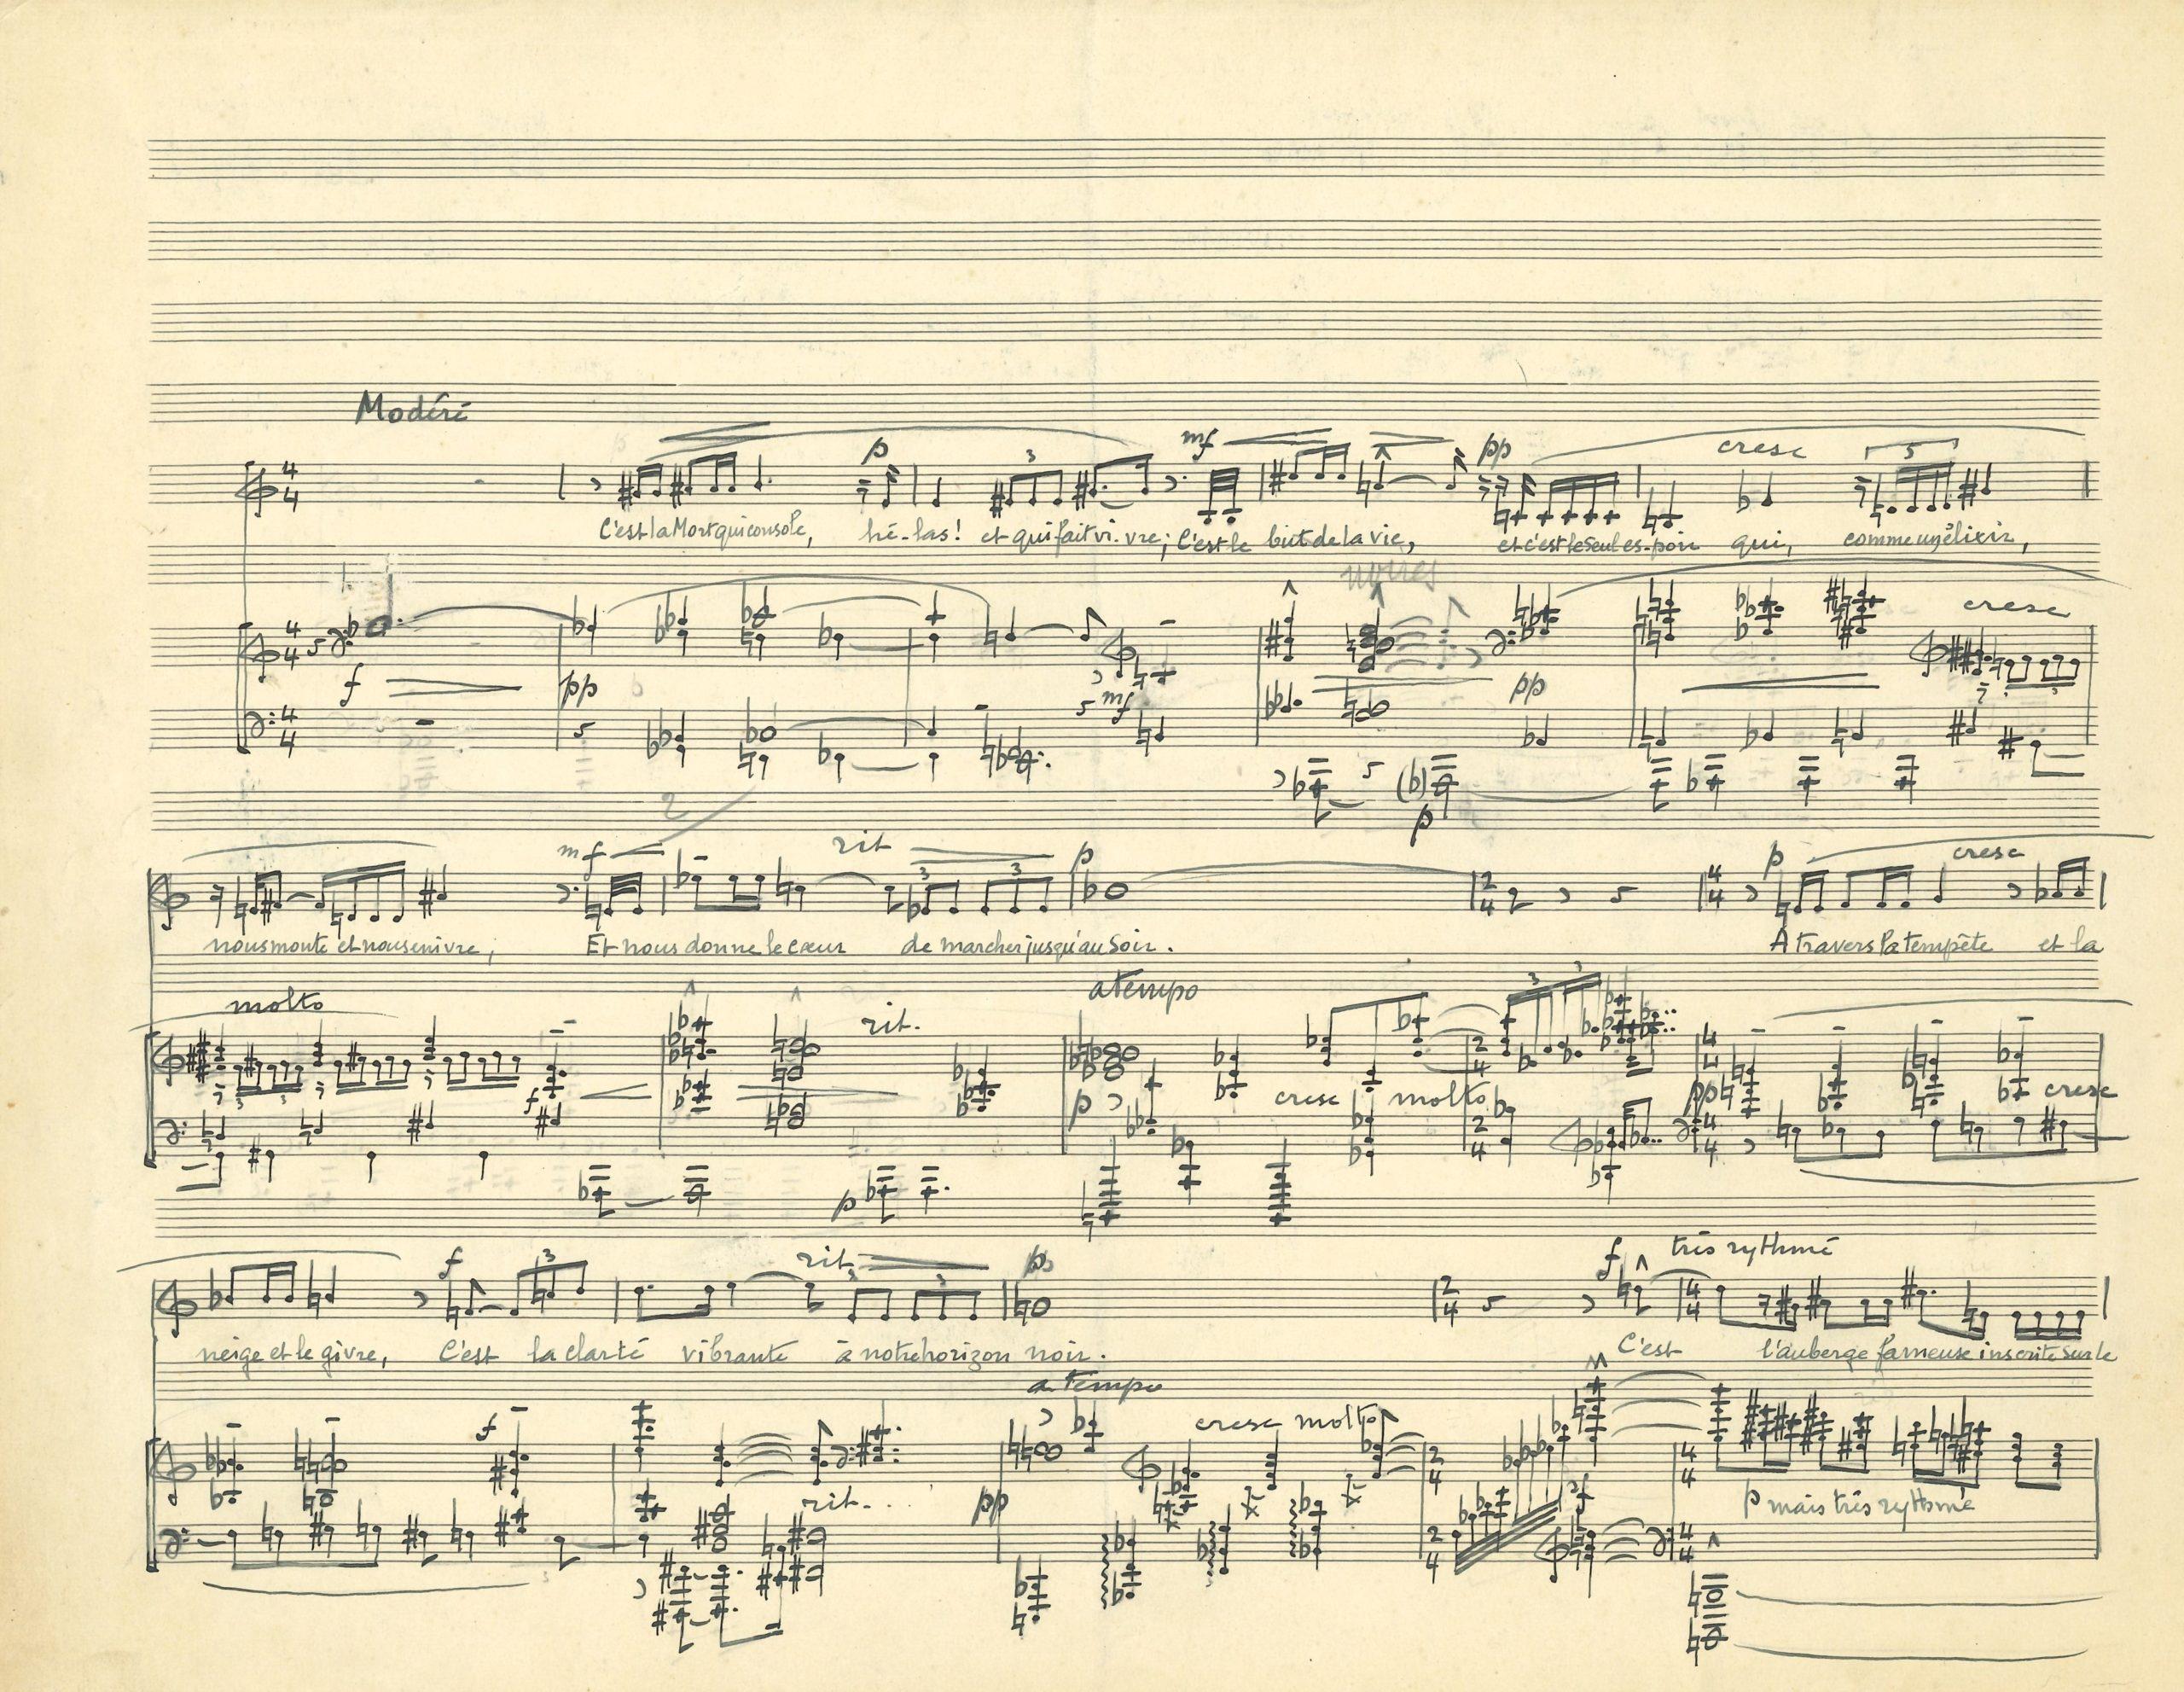 045 André CAPLET (1878-1925) compositeur Image